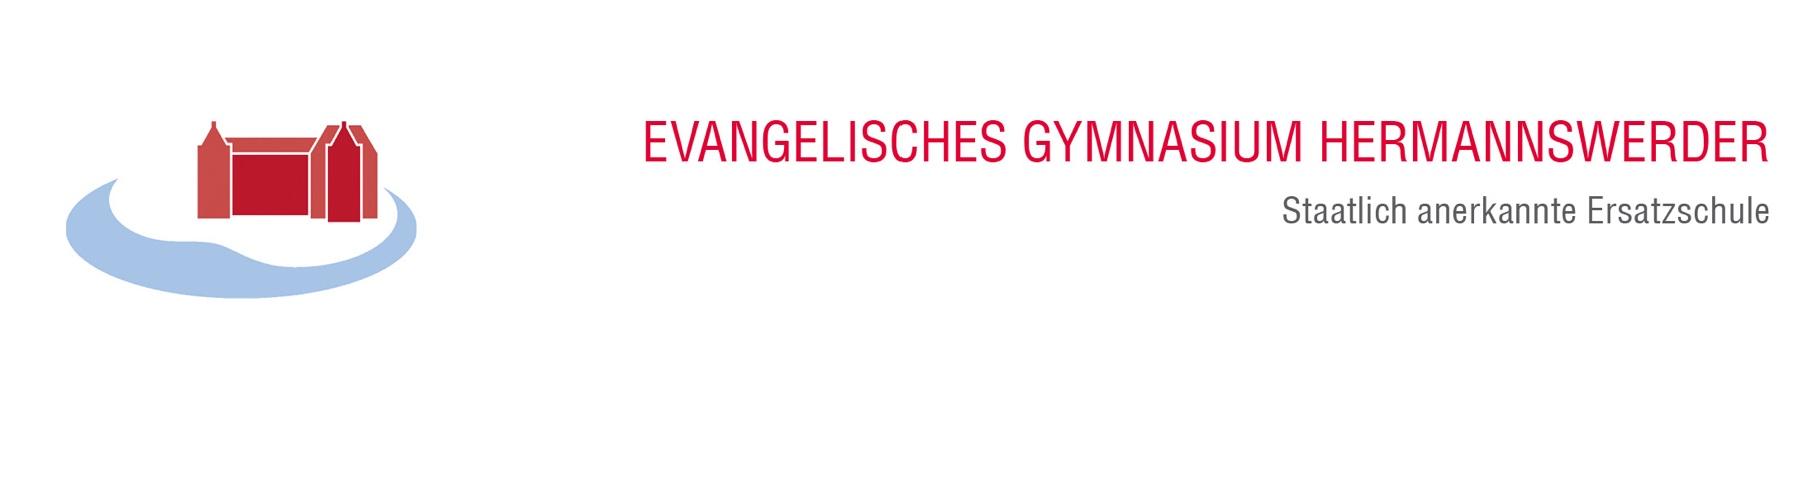 Evangelisches Gymnasium